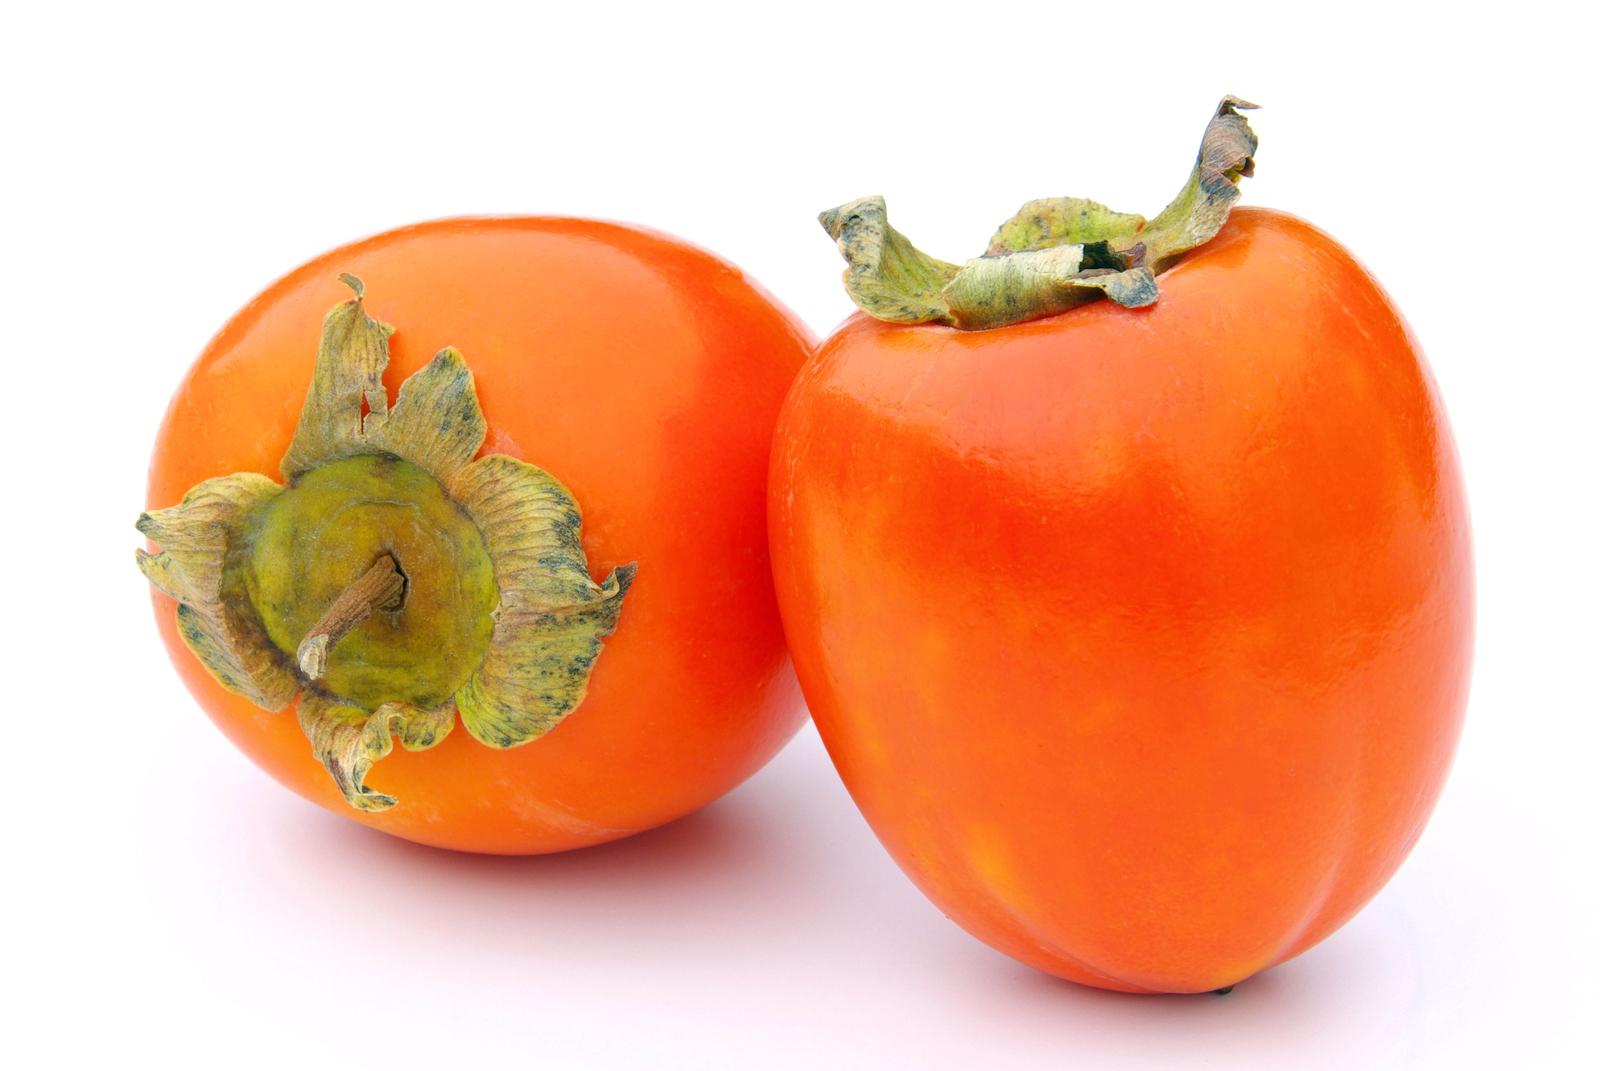 3 loại thực phẩm giúp xóa nếp nhăn, làm đẹp, chống lão hóa - ảnh 2.